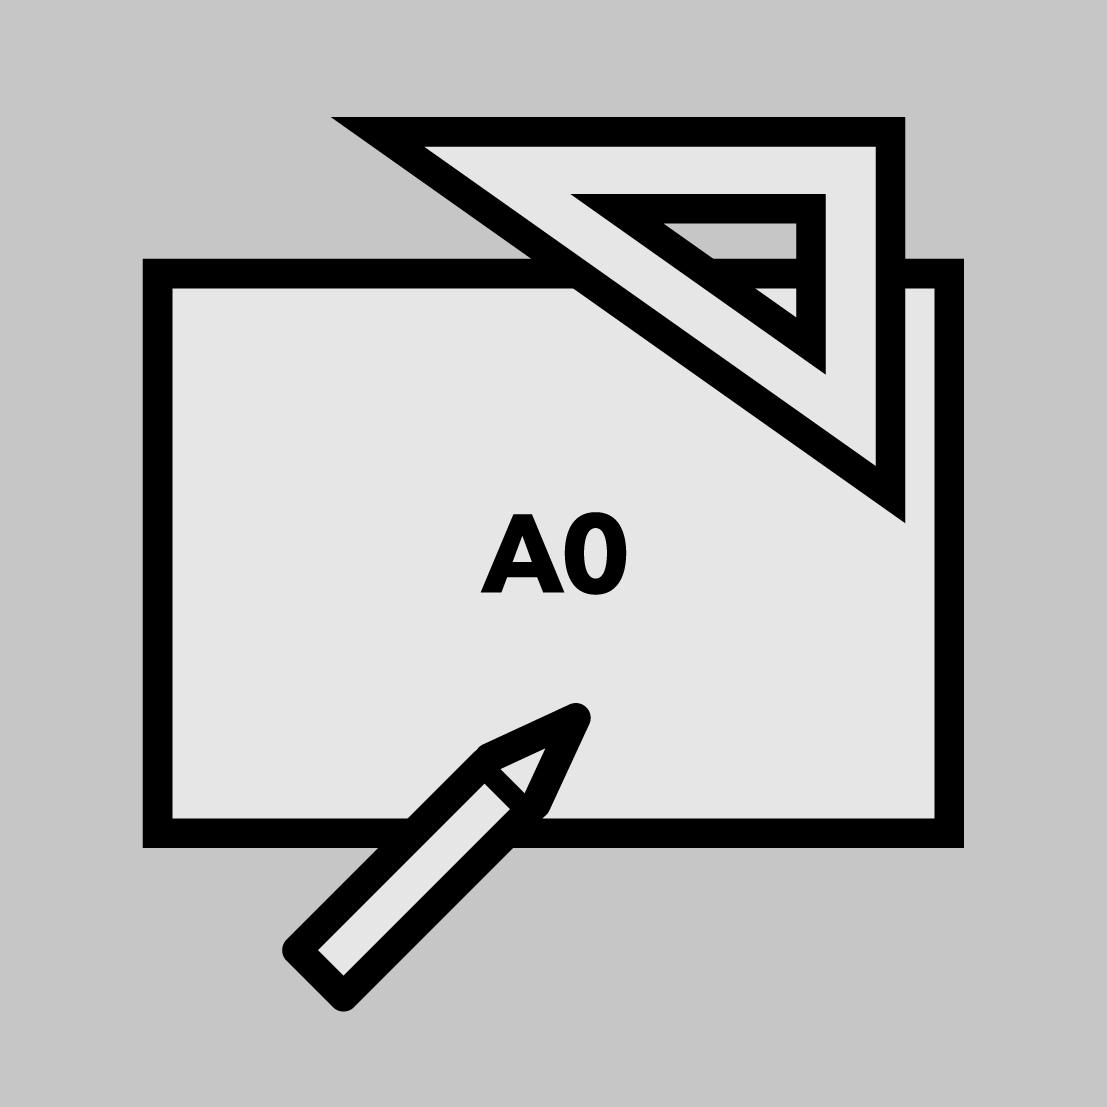 a0-landscape-icon-02.png